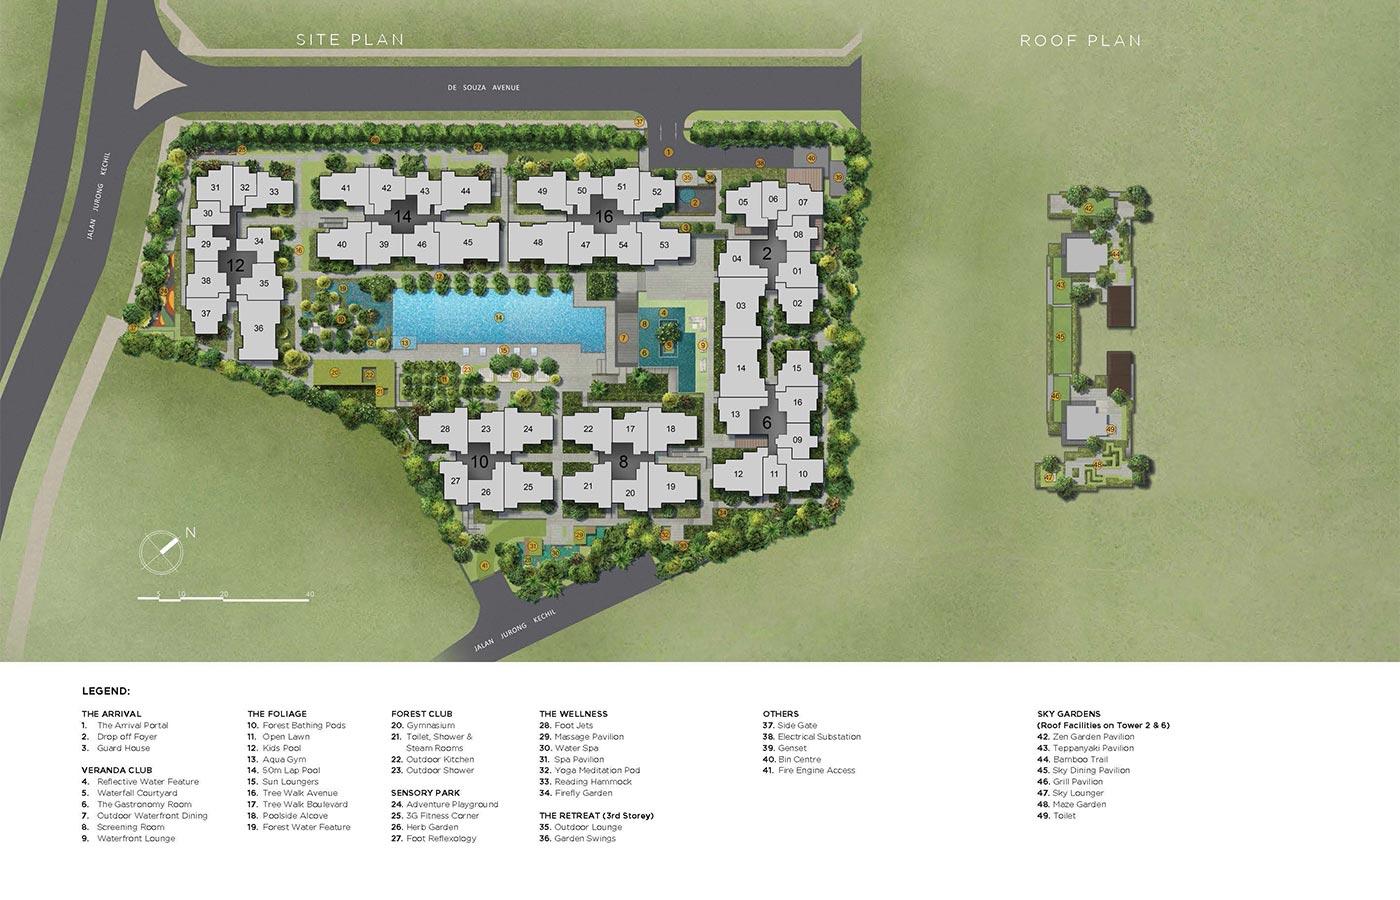 Verdale Condo Facilities - Site Plan